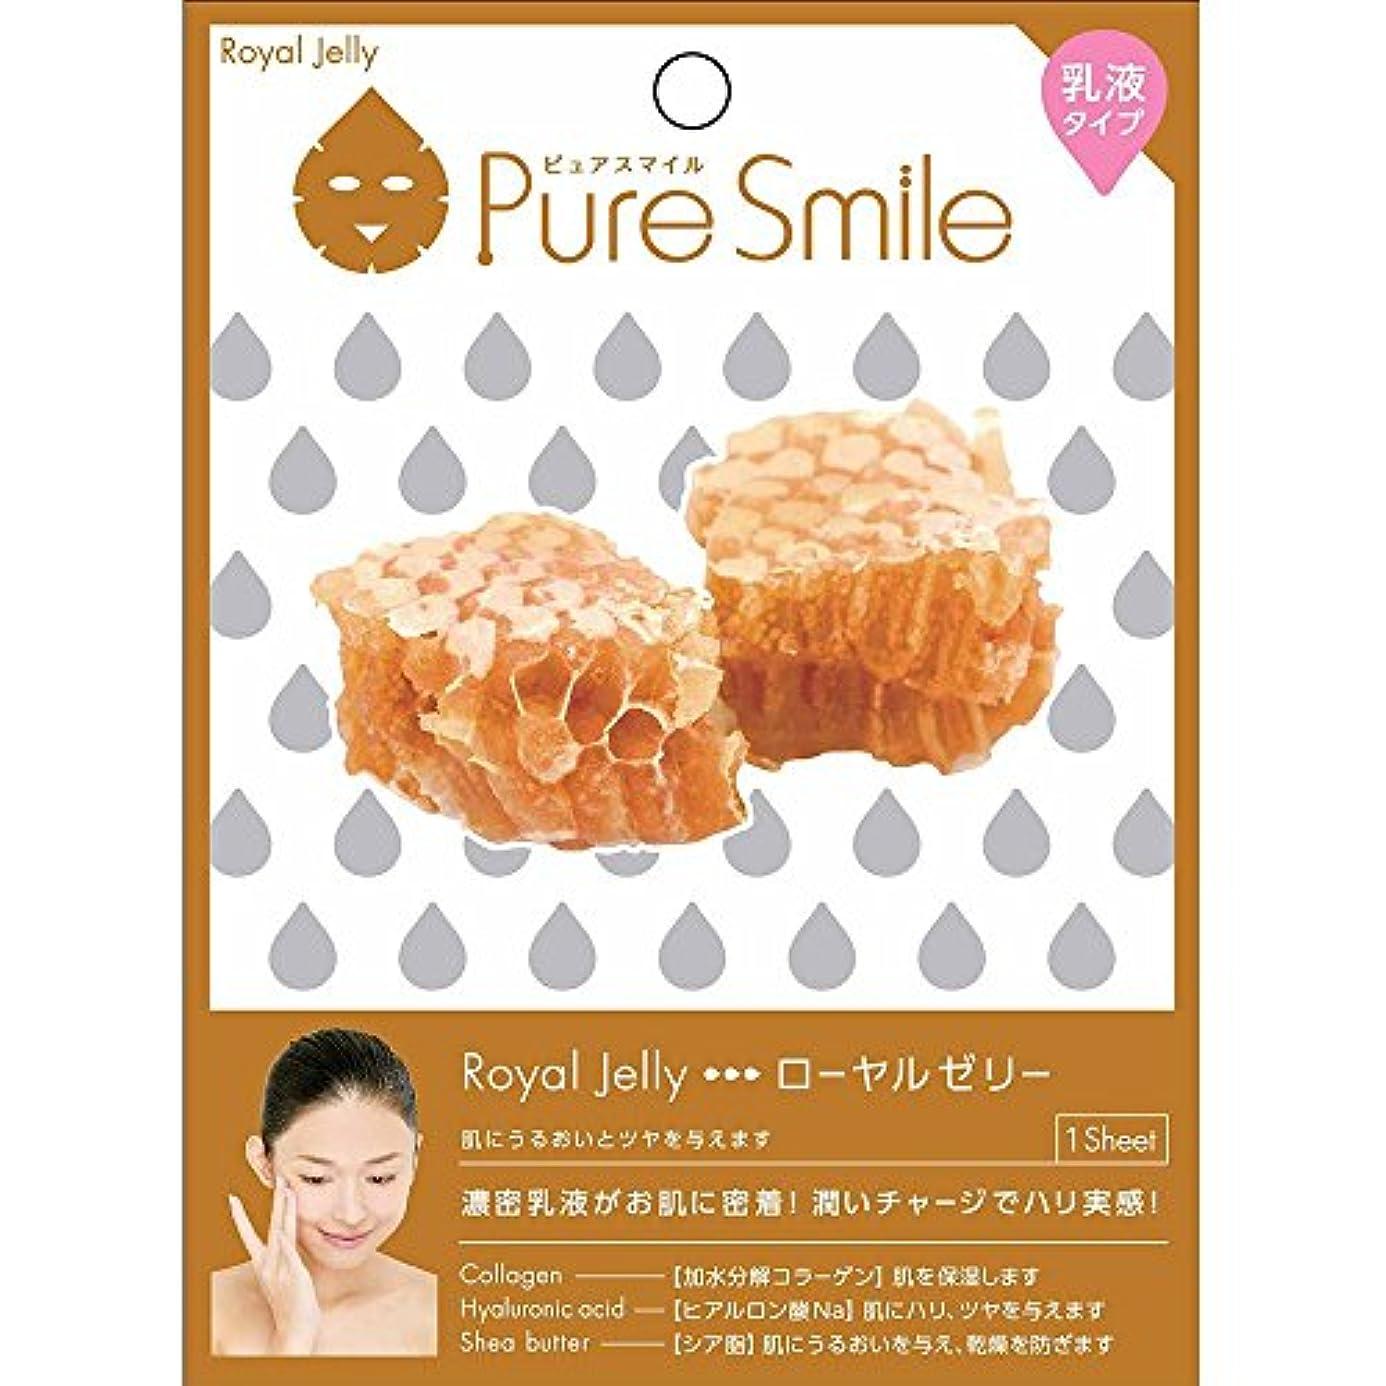 腹痛誇り直径Pure Smile(ピュアスマイル) 乳液エッセンスマスク 1 枚 ローヤルゼリー